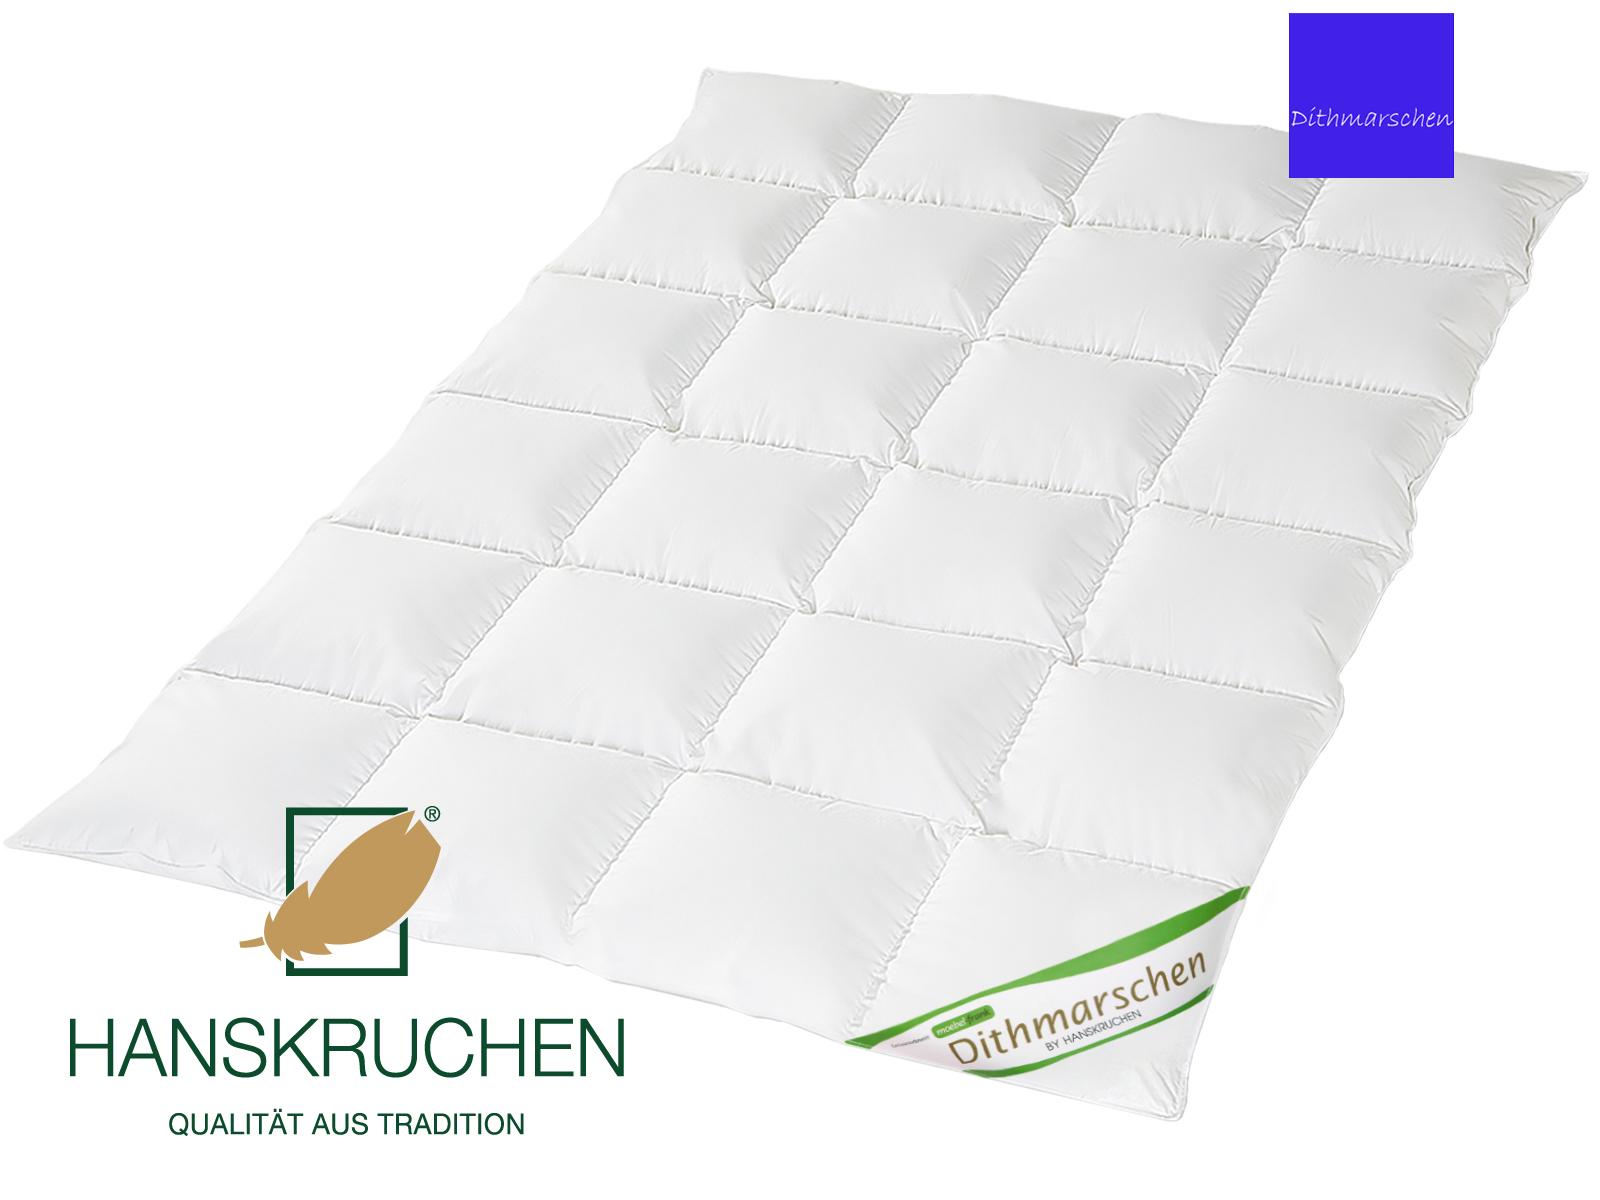 Daunenbettdecke 100% neue weiße Daunen Dithmarschen Bettdecke Baumwolle Exclusiv von HANSKRUCHEN – Bild 1